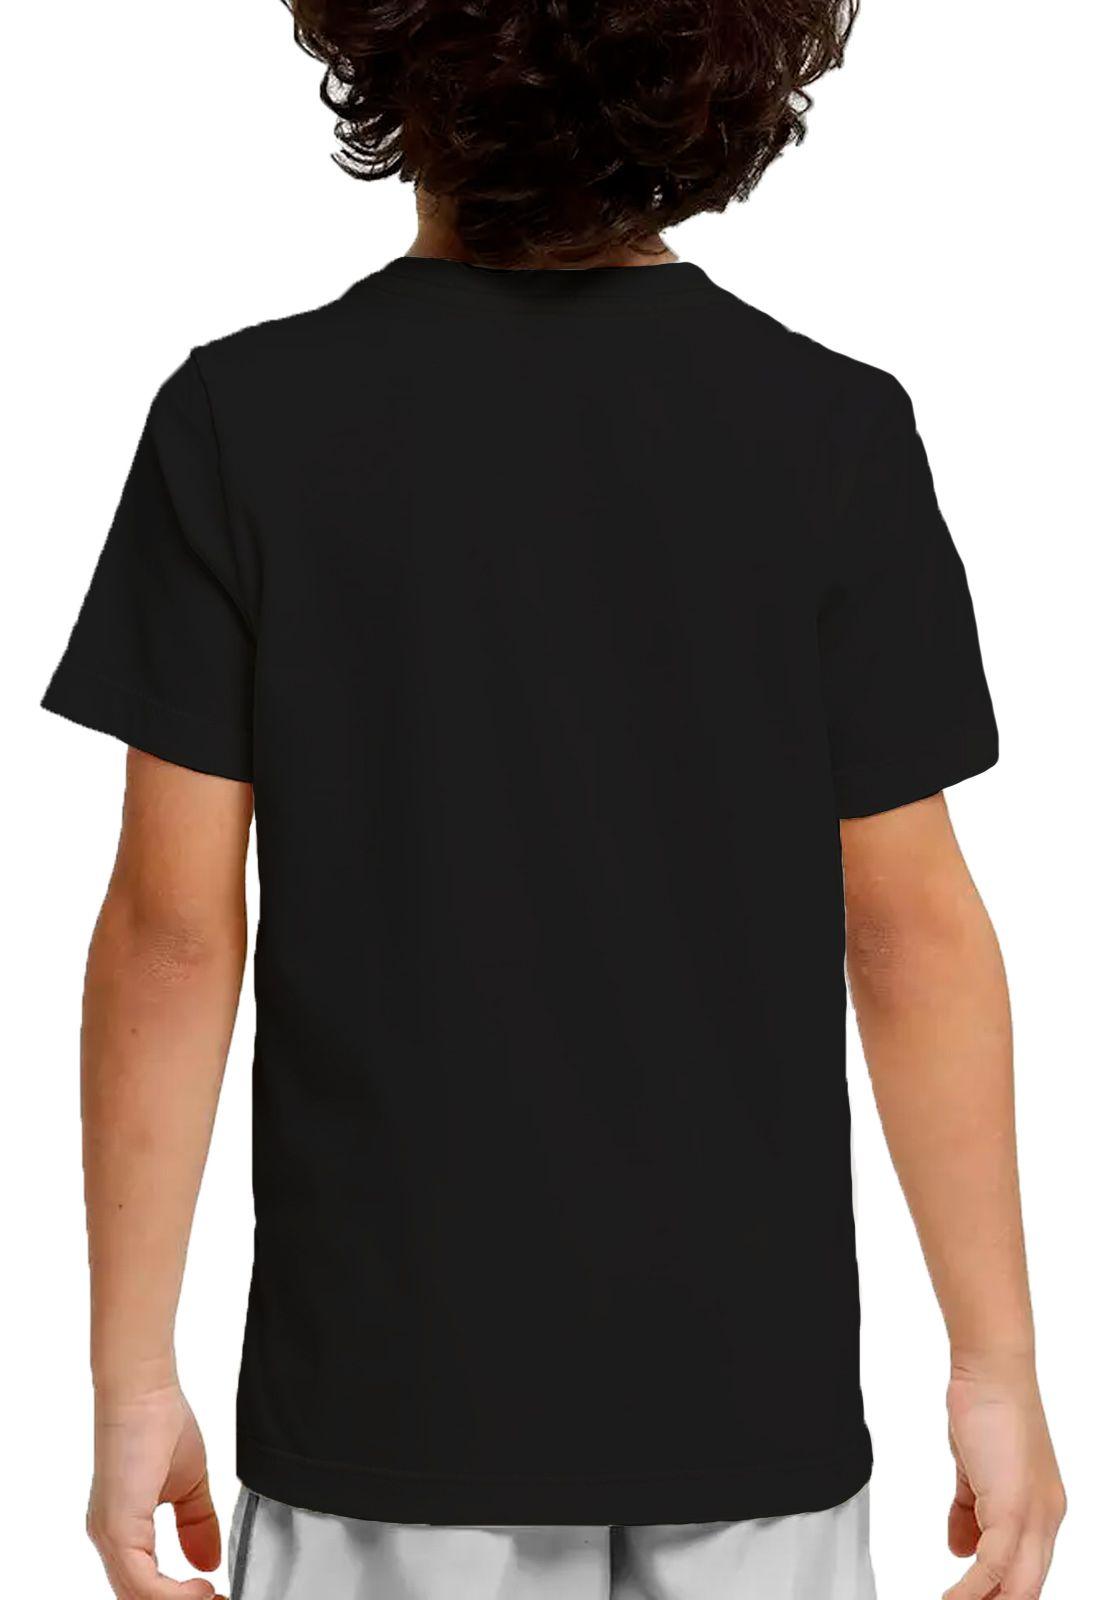 Camiseta Amazônia Adolescente Leão Rasta - Preto